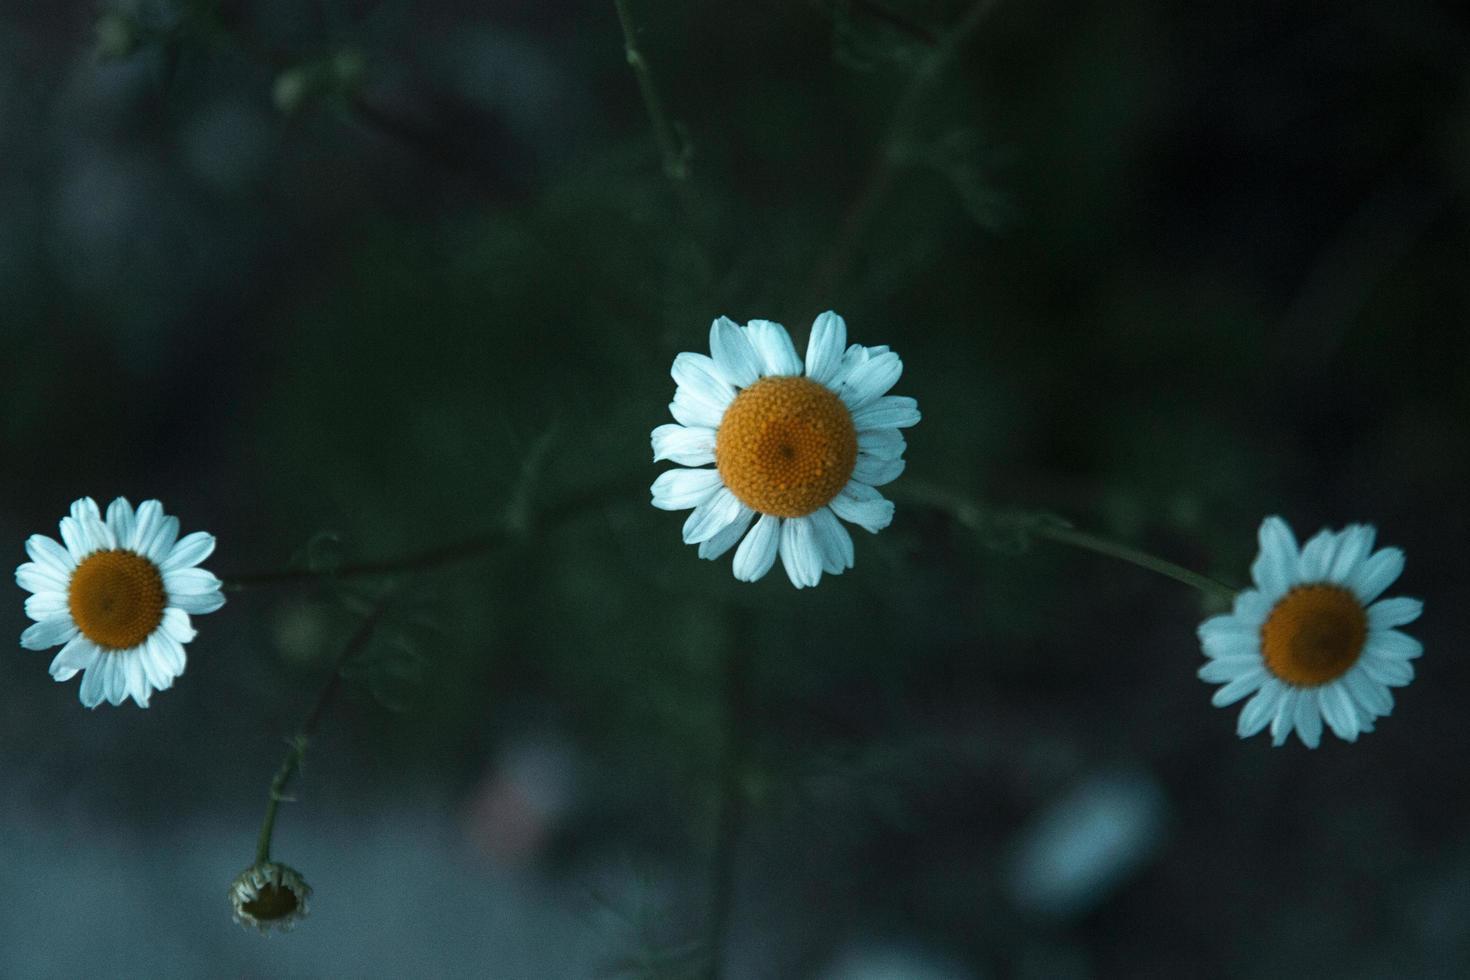 drei blühende Gänseblümchen foto